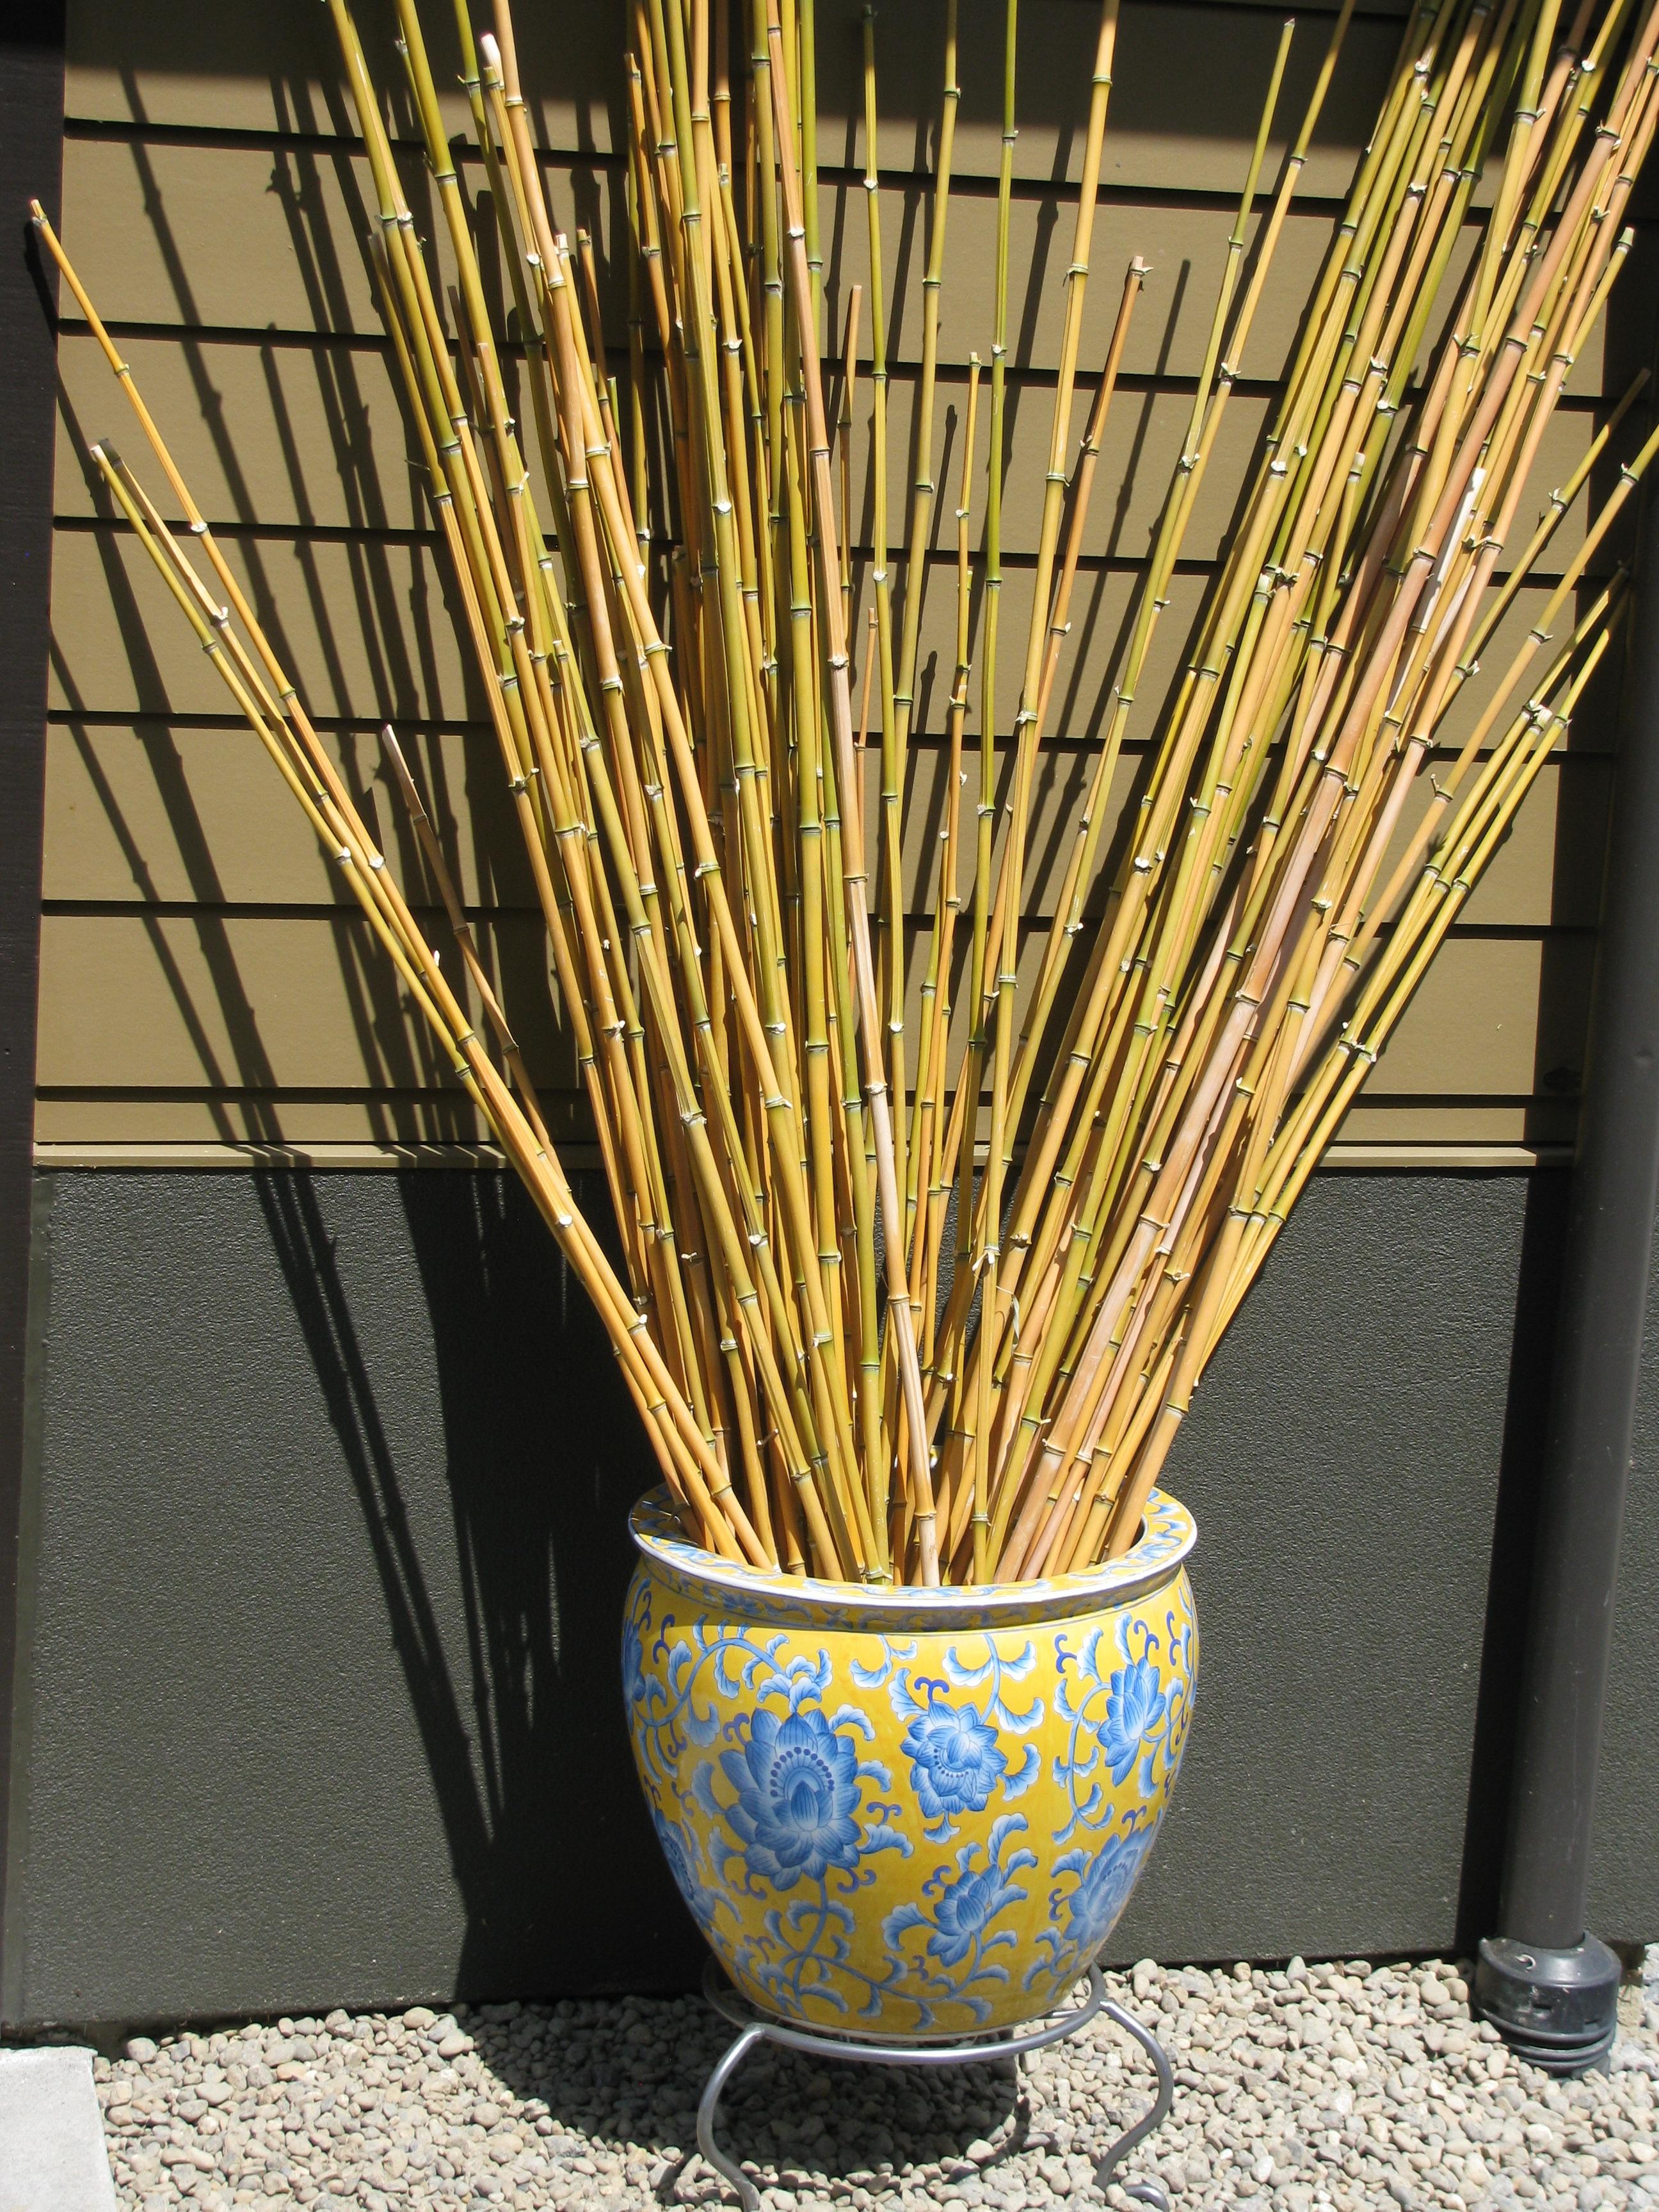 Gratis Billeder Landskab Graes Plante Trae Blomst Vase